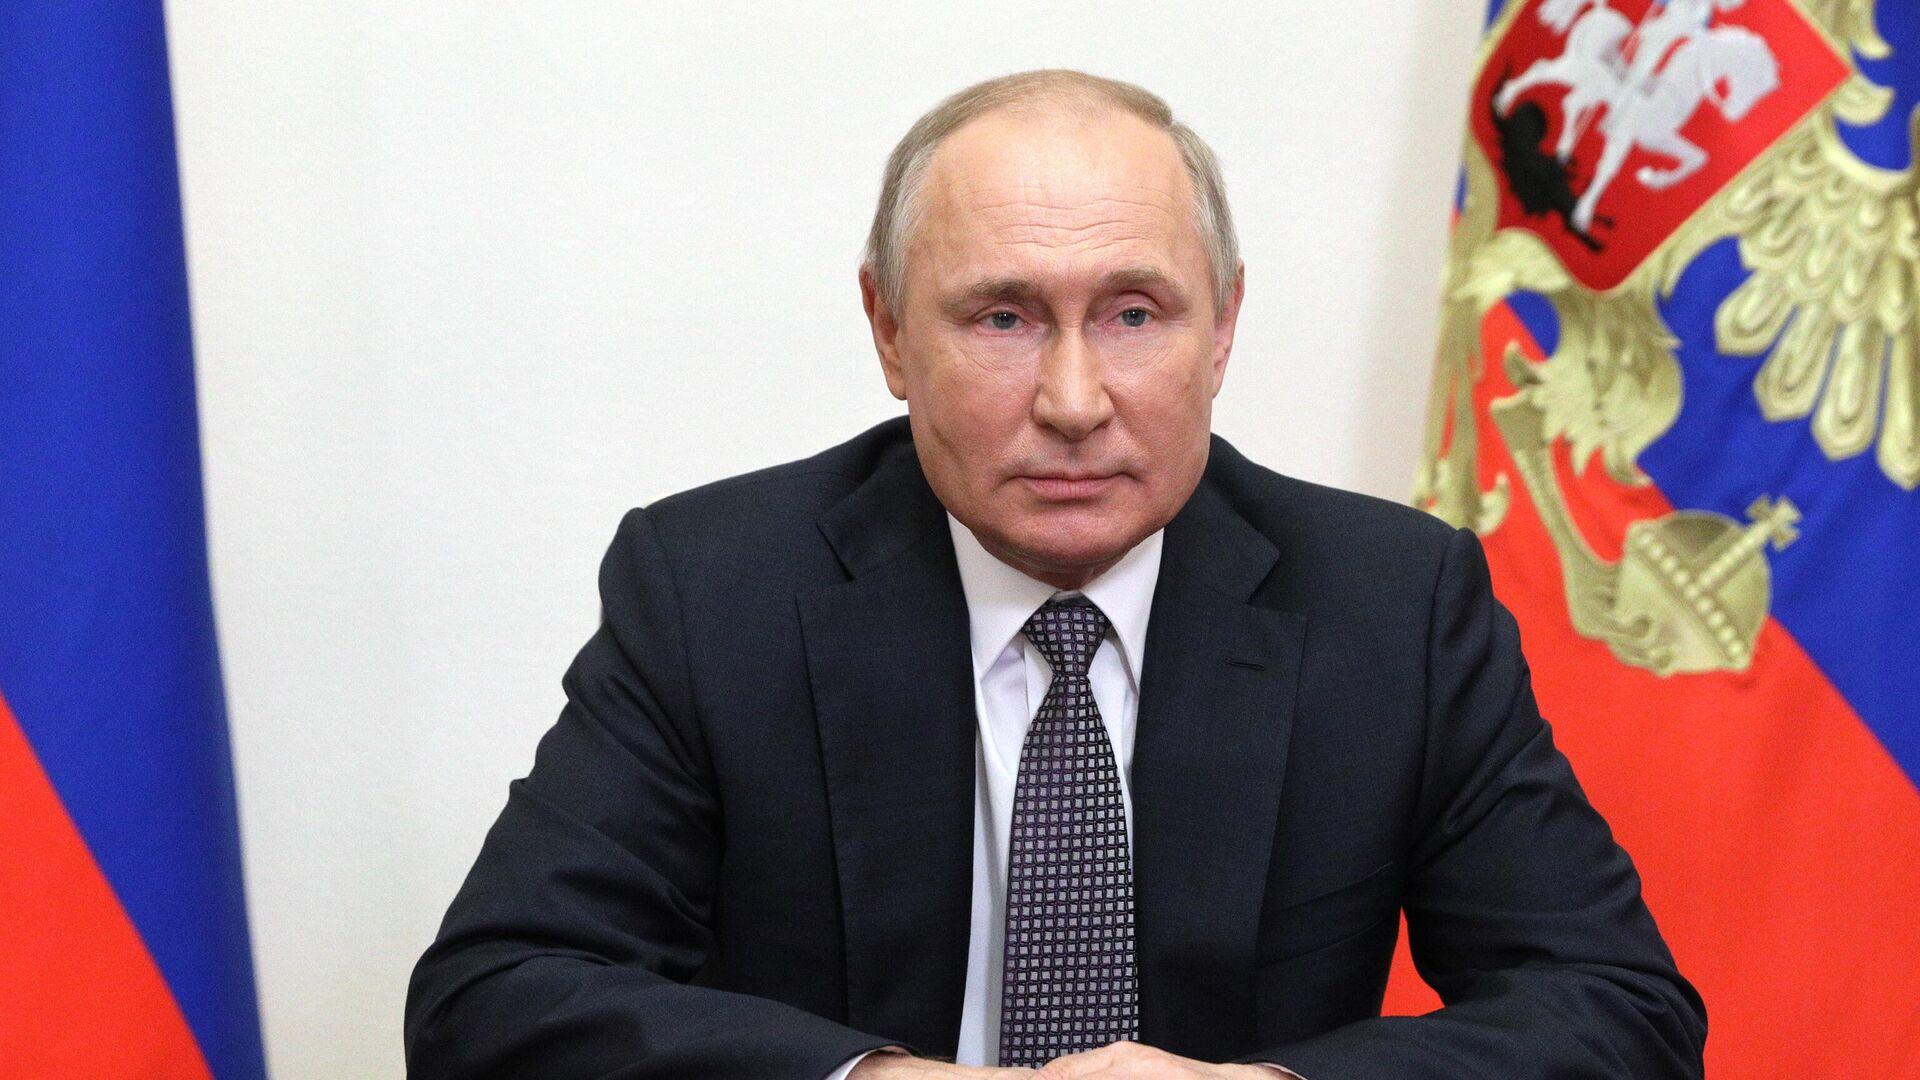 Президент РФ Владимир Путин выступает с видеообращением к участникам и гостям IX Московской конференции по международной безопасности - РИА Новости, 1920, 23.06.2021